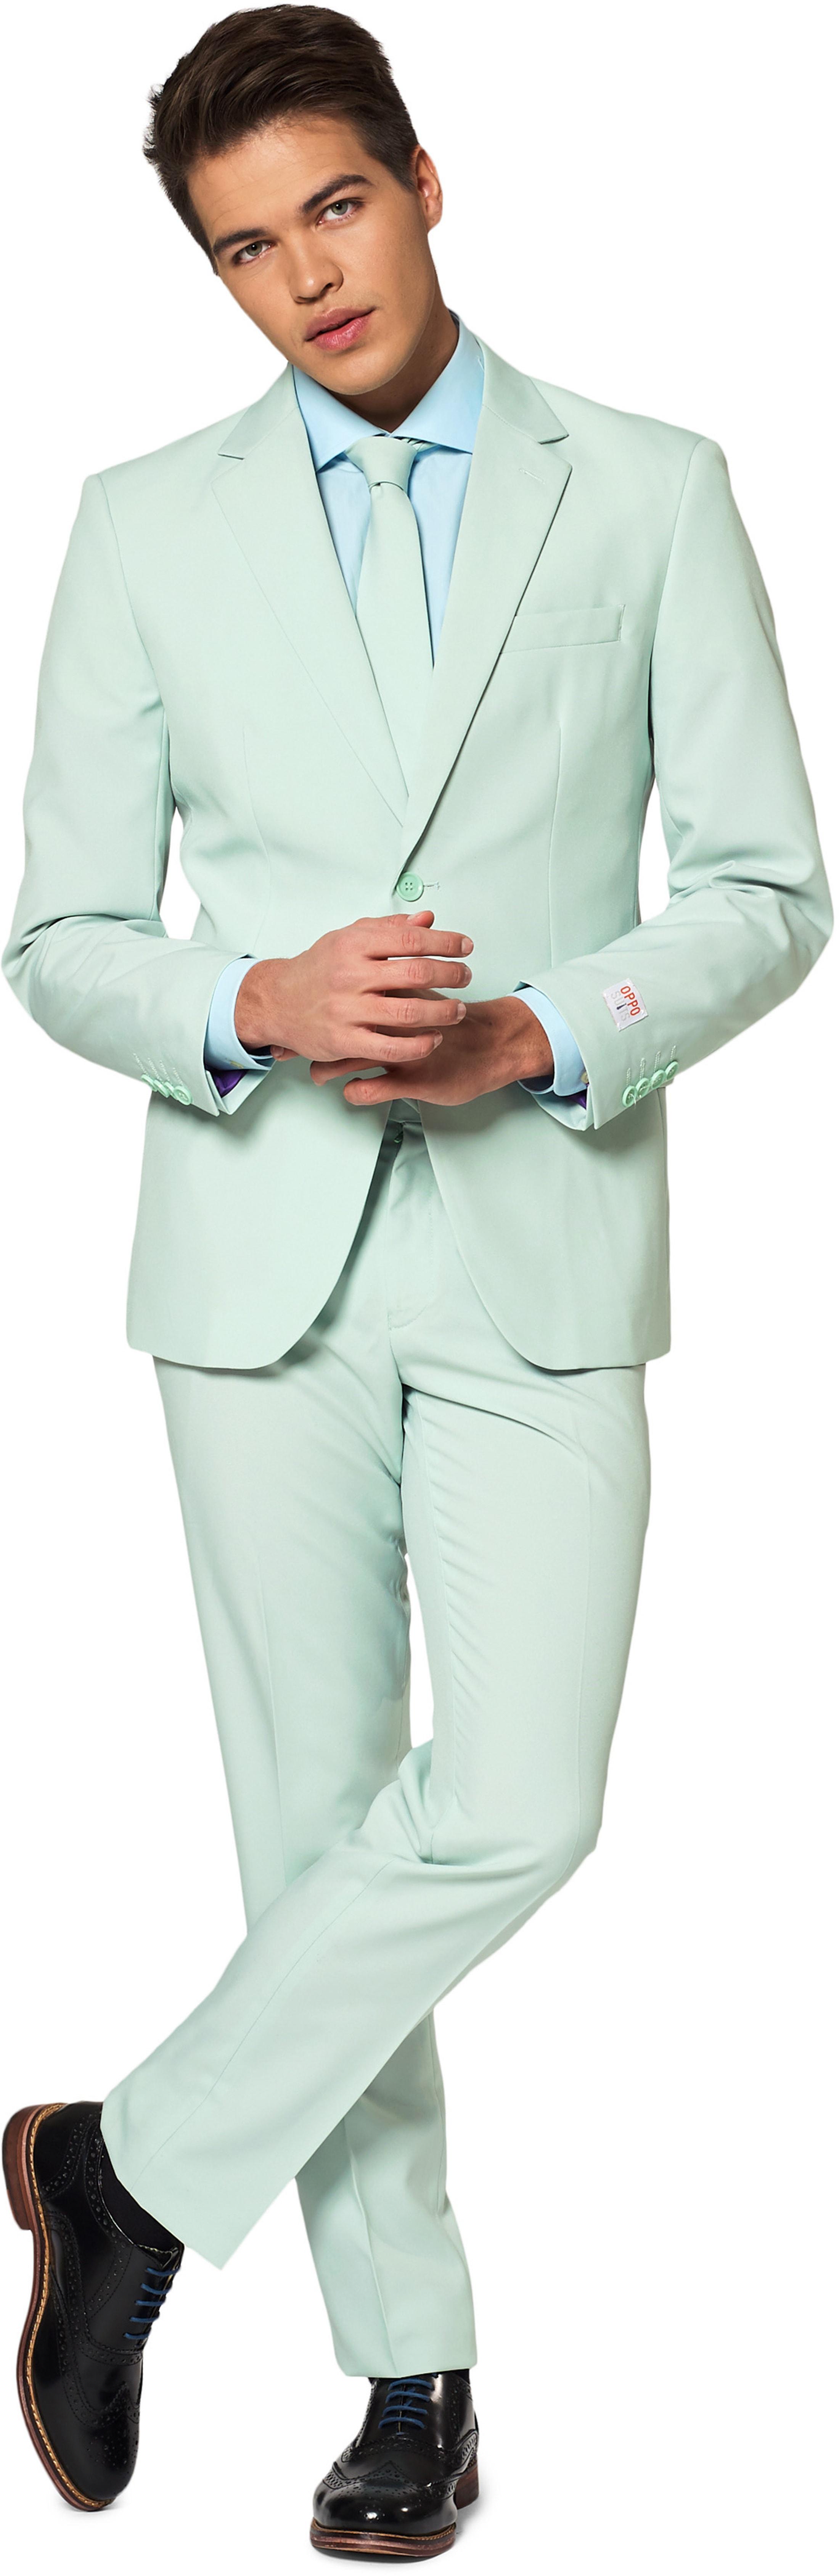 OppoSuits Magic Mint Suit foto 0